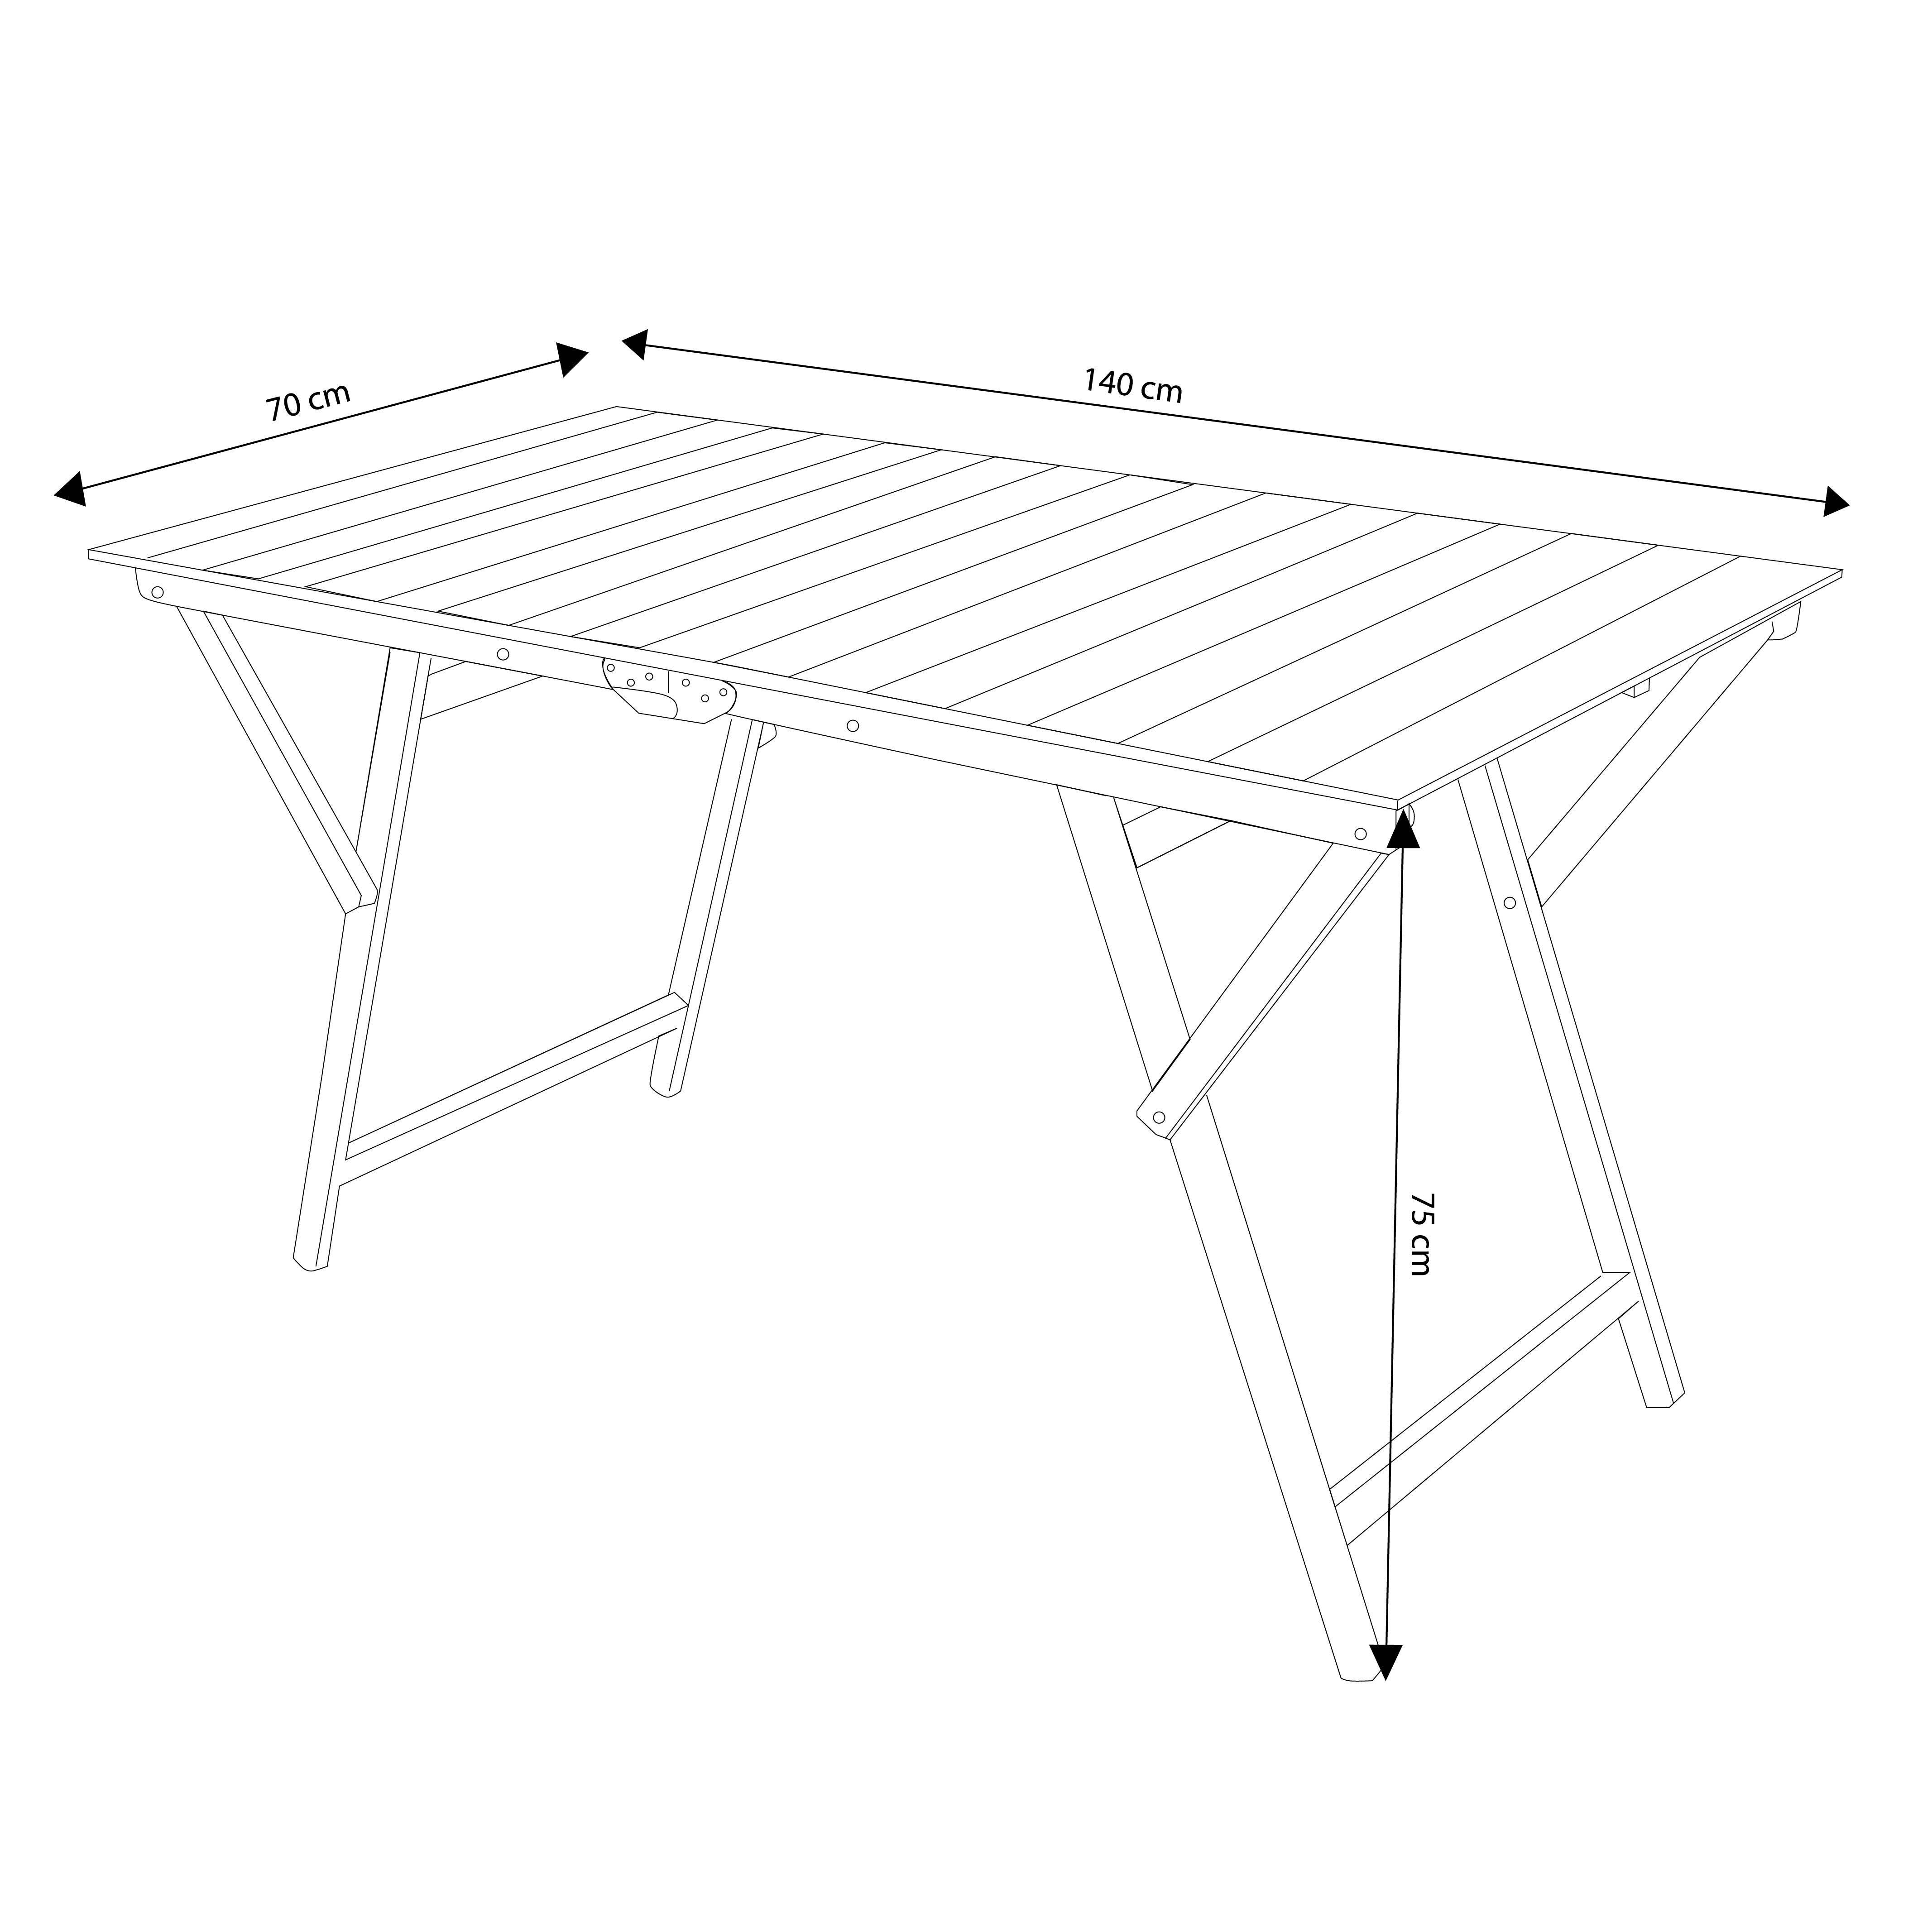 milani home tavolo da giardino pieghevole salvaspazio in legno 70 x 140